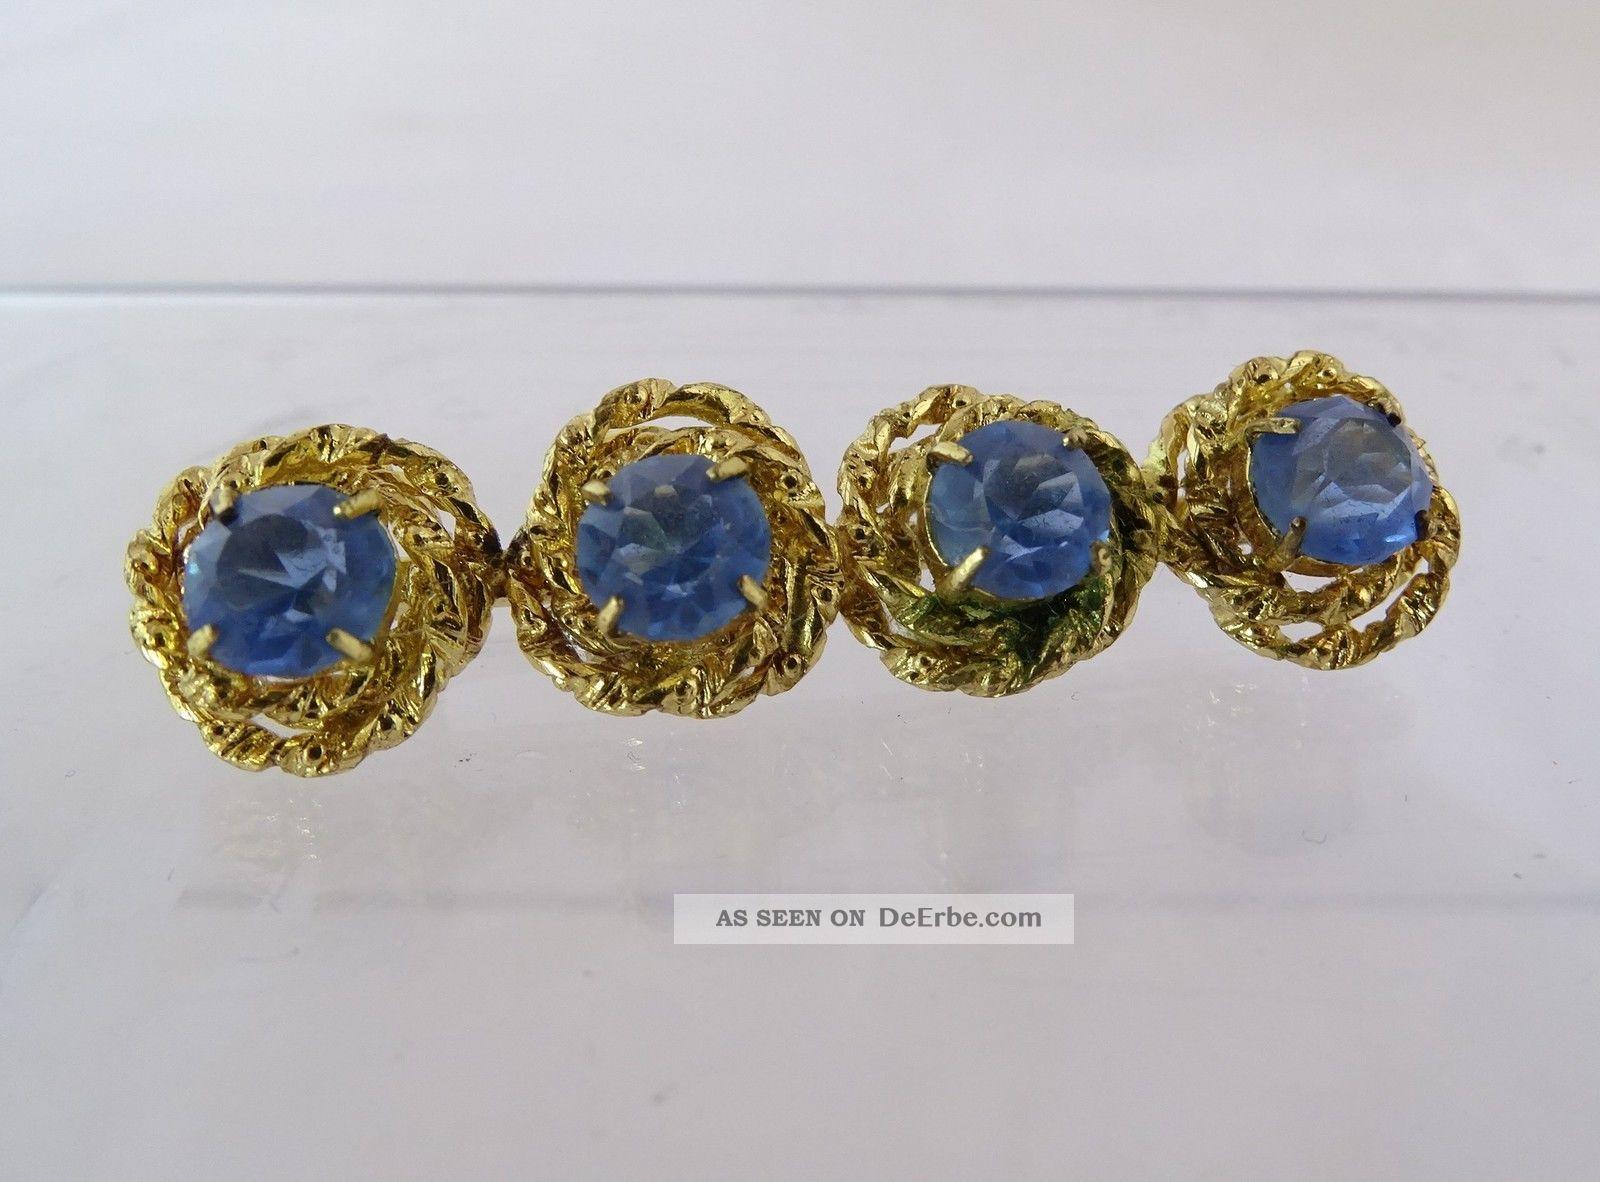 Traumhafte Jugendstil Ansteck Brosche Mit 4 Blauen Steinen Schmuck nach Epochen Bild